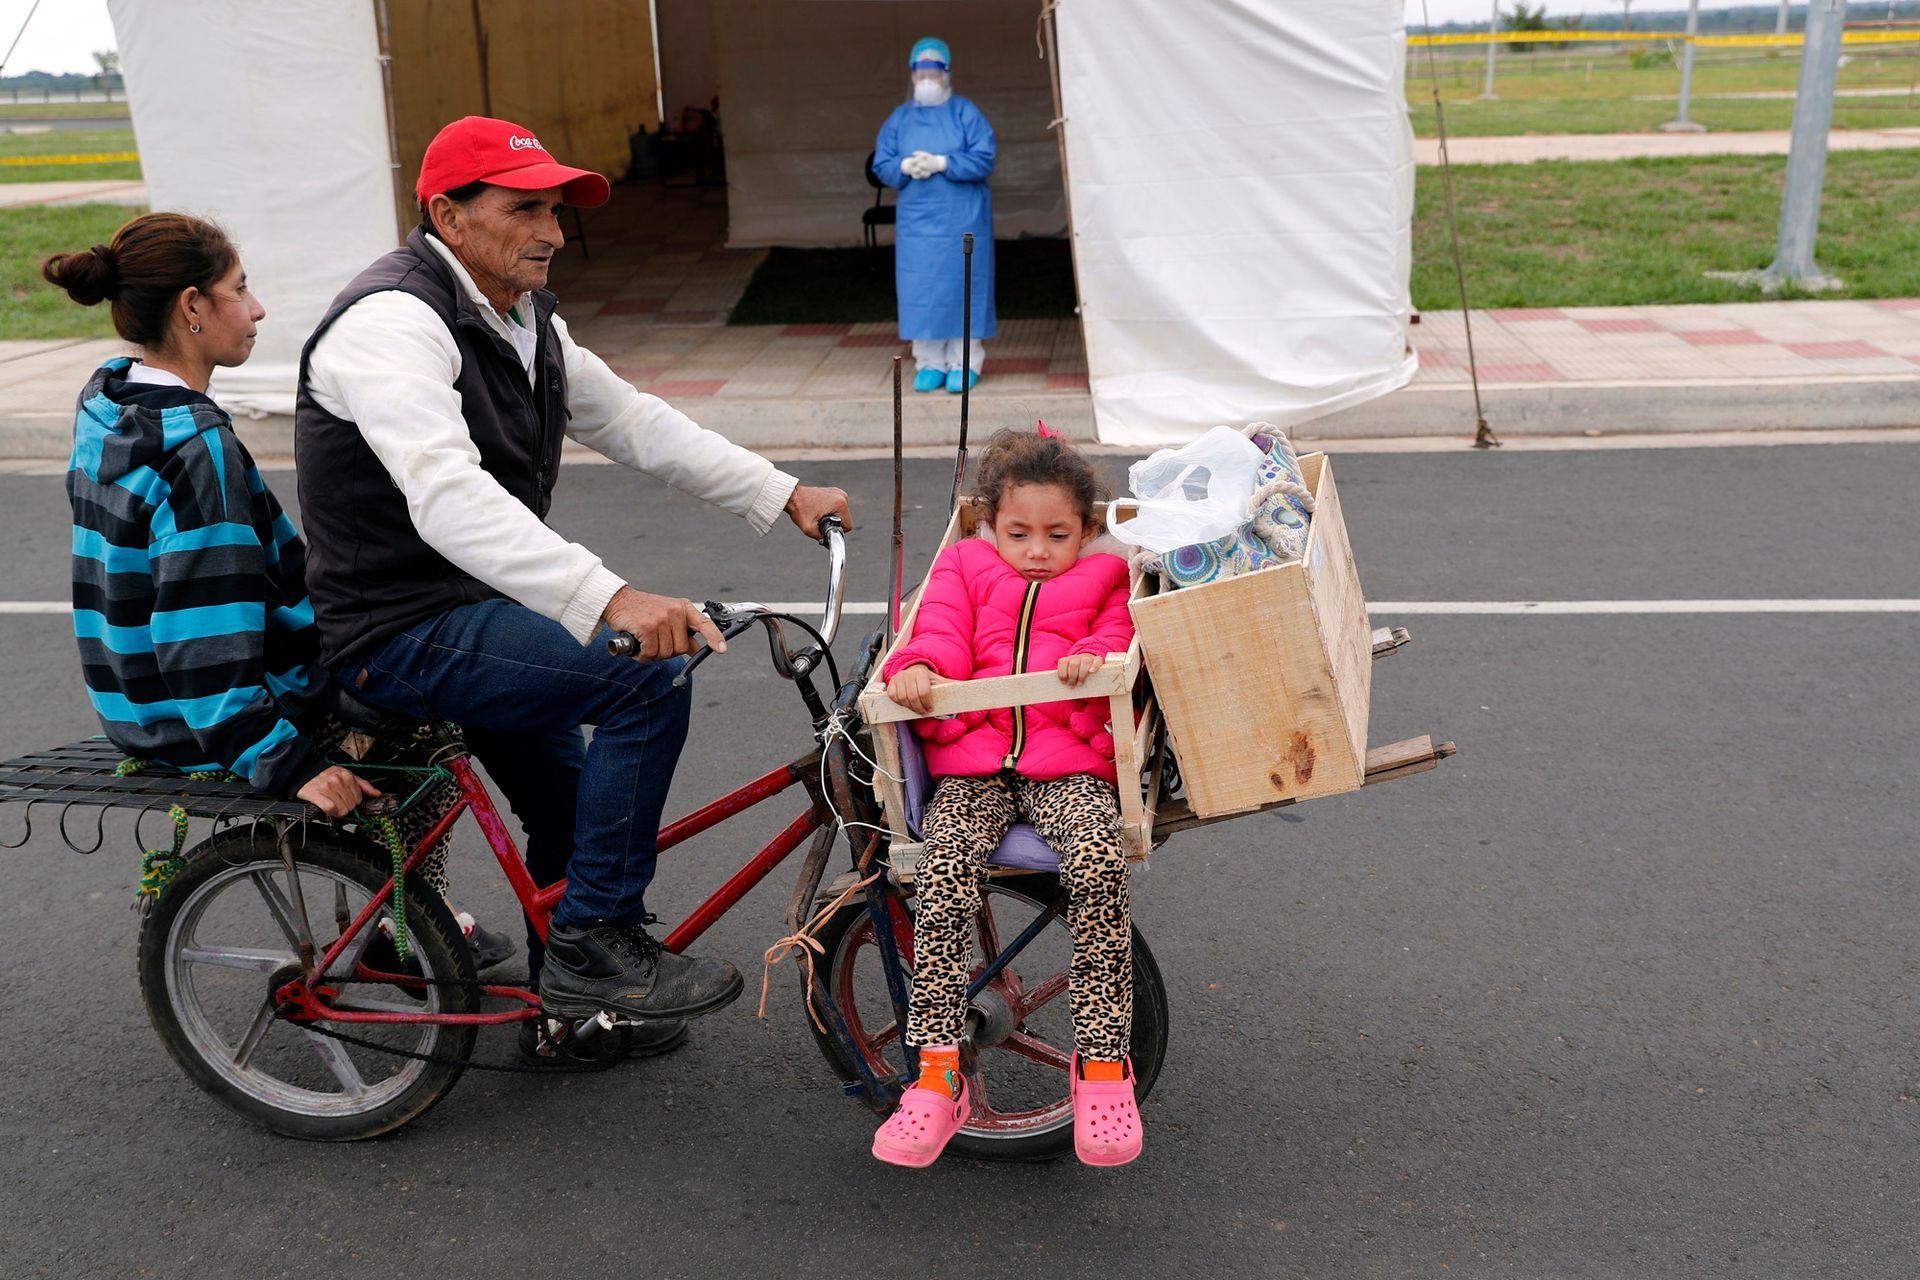 Una familia espera en su bicicleta para hacerse la prueba de COVID-19 en un sitio de prueba móvil en Asunción, Paraguay